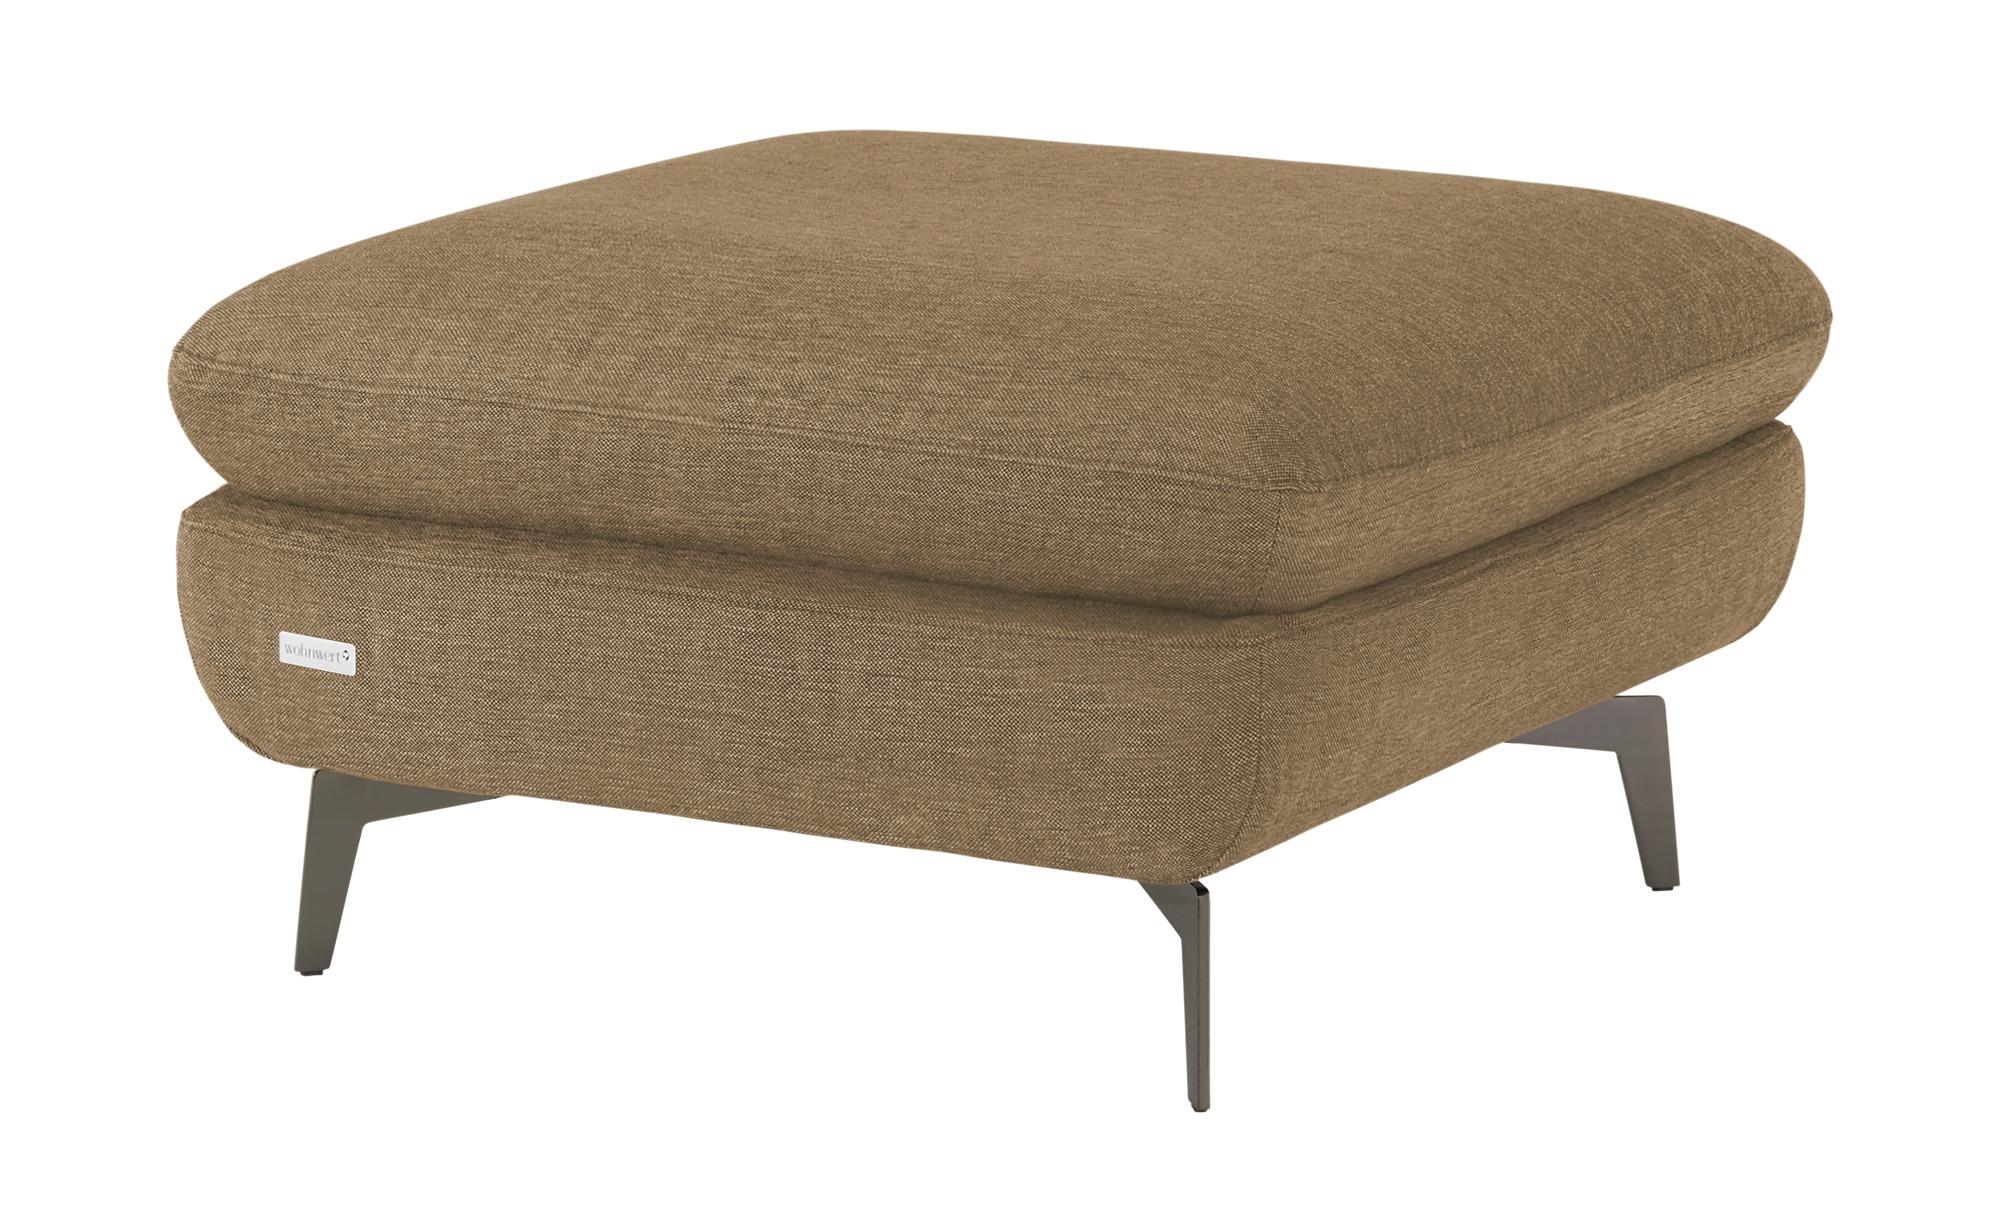 Wohnwert Polsterhocker  Amarena - braun - Polstermöbel > Hocker - Möbel Kra günstig online kaufen